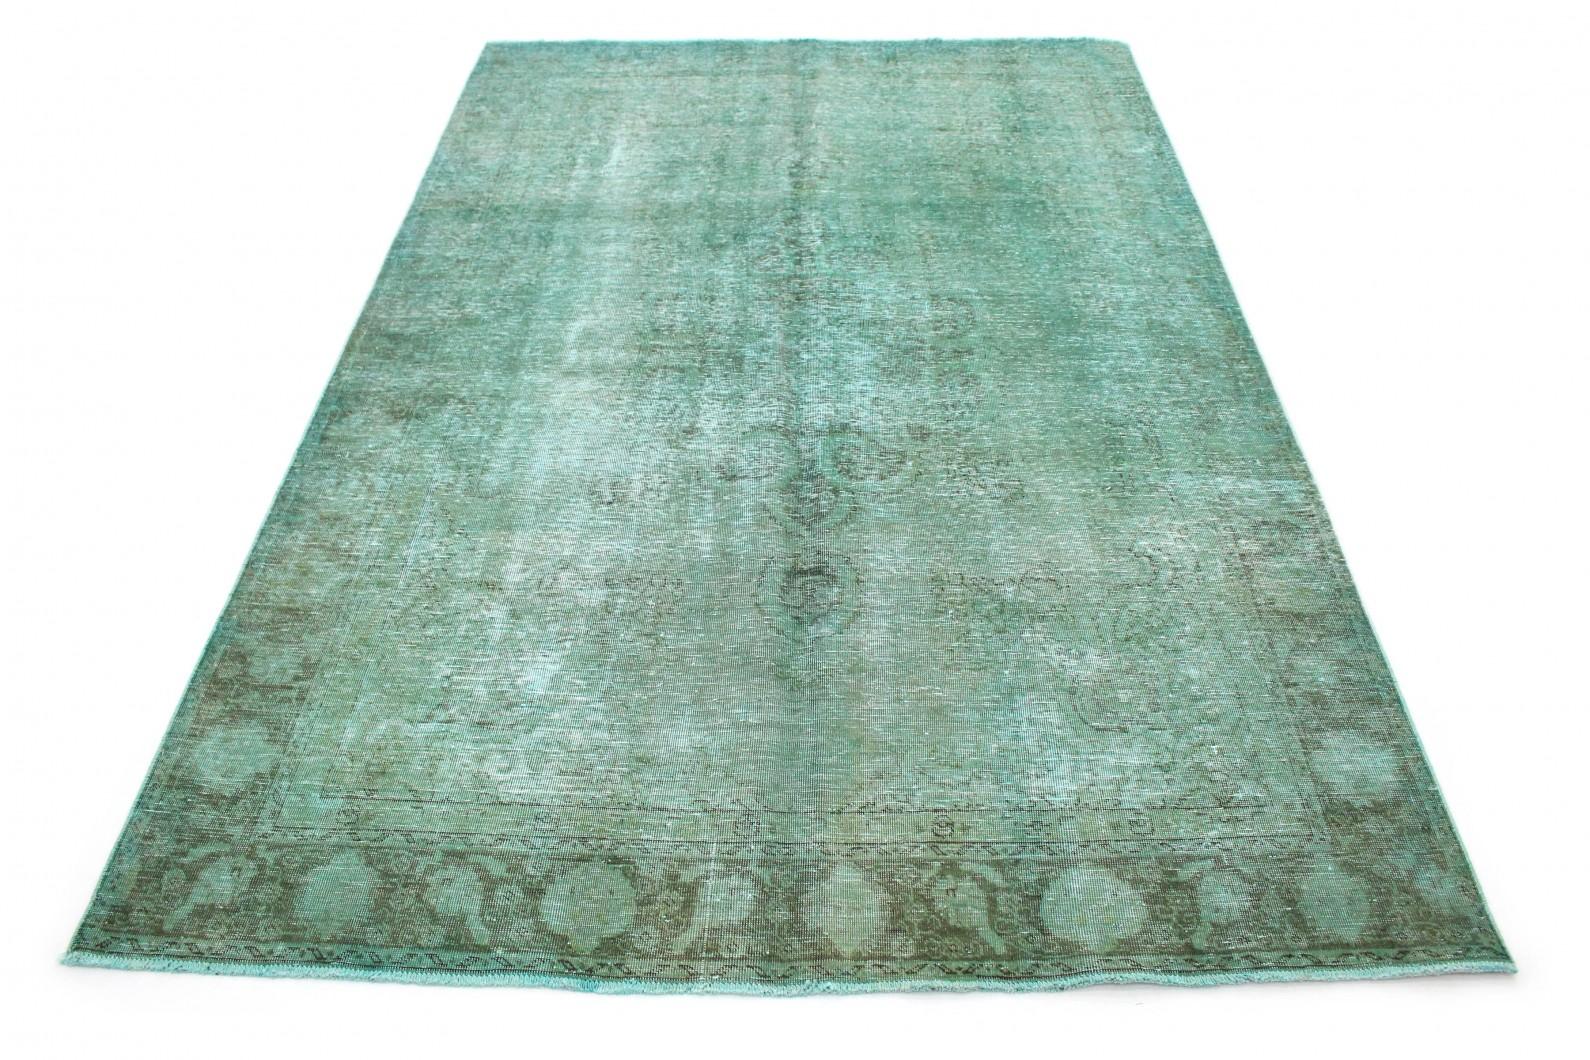 Vintage Teppich Türkis in 340x230 (1 / 6)